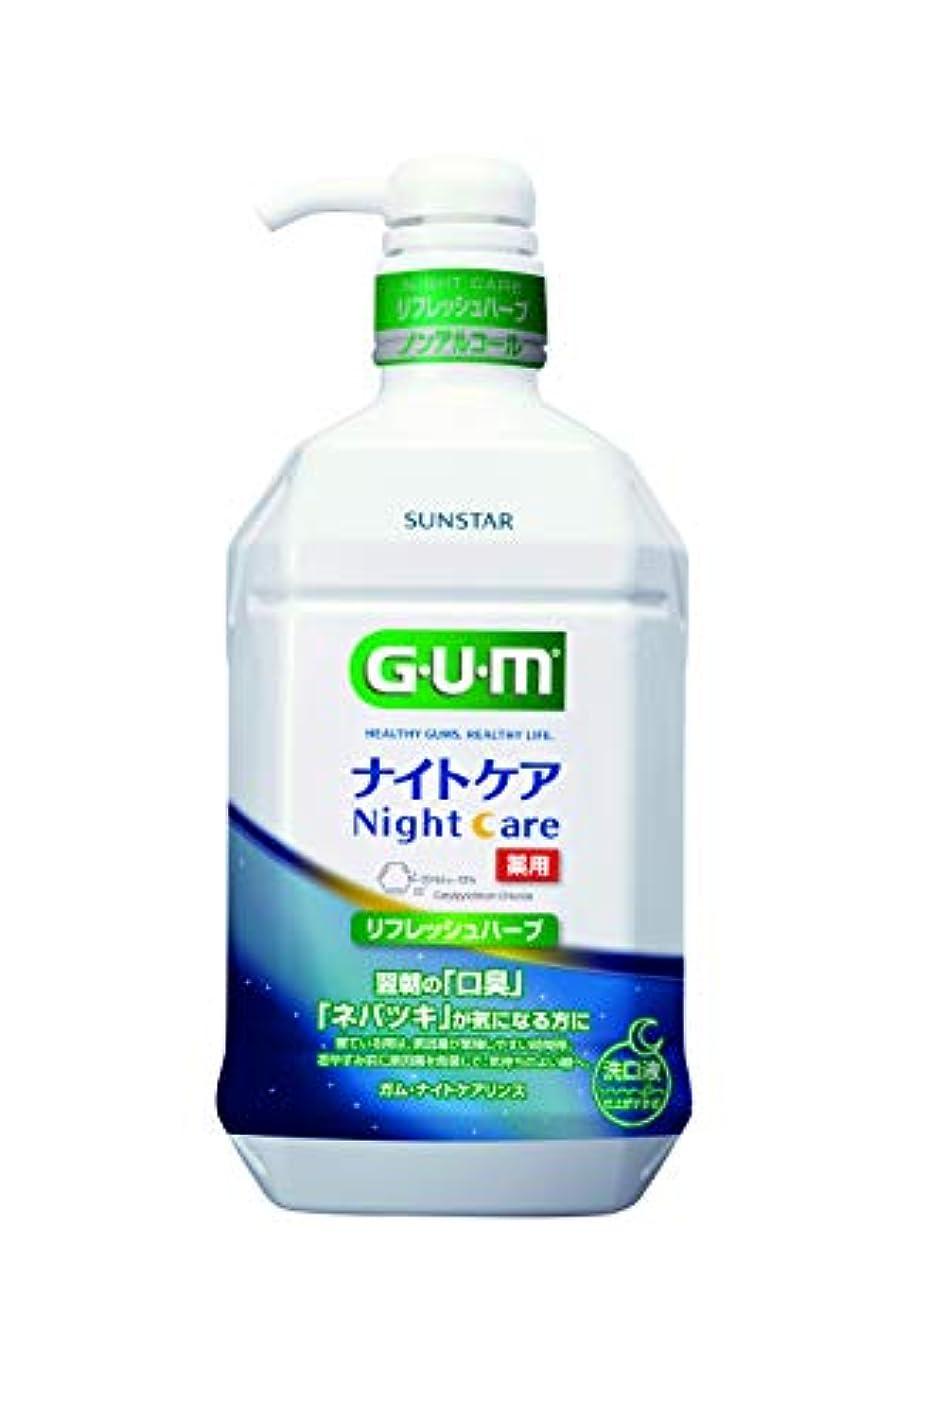 物理的な辛いドリル(医薬部外品) GUM(ガム) マウスウォッシュ ナイトケア 薬用洗口液(リフレッシュハーブタイプ)900mL